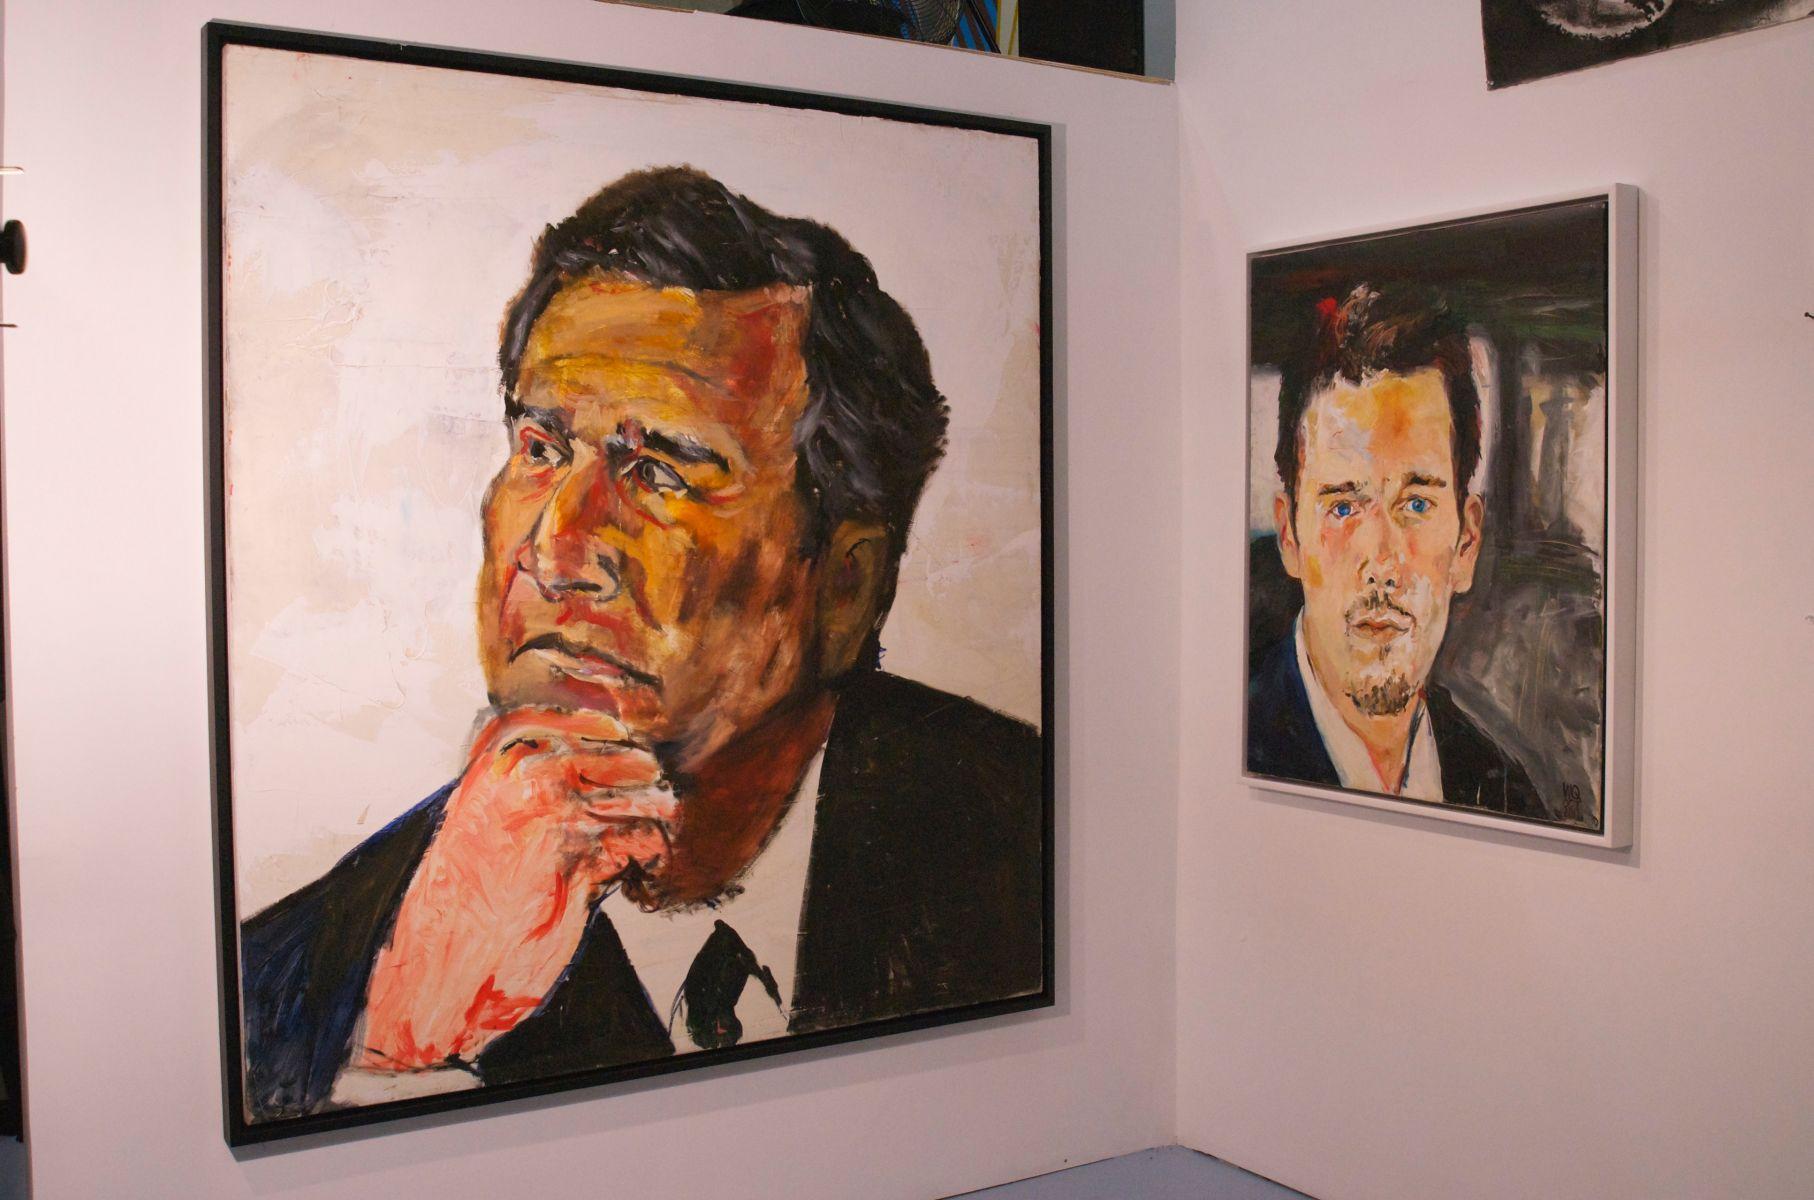 Bush and Ethan